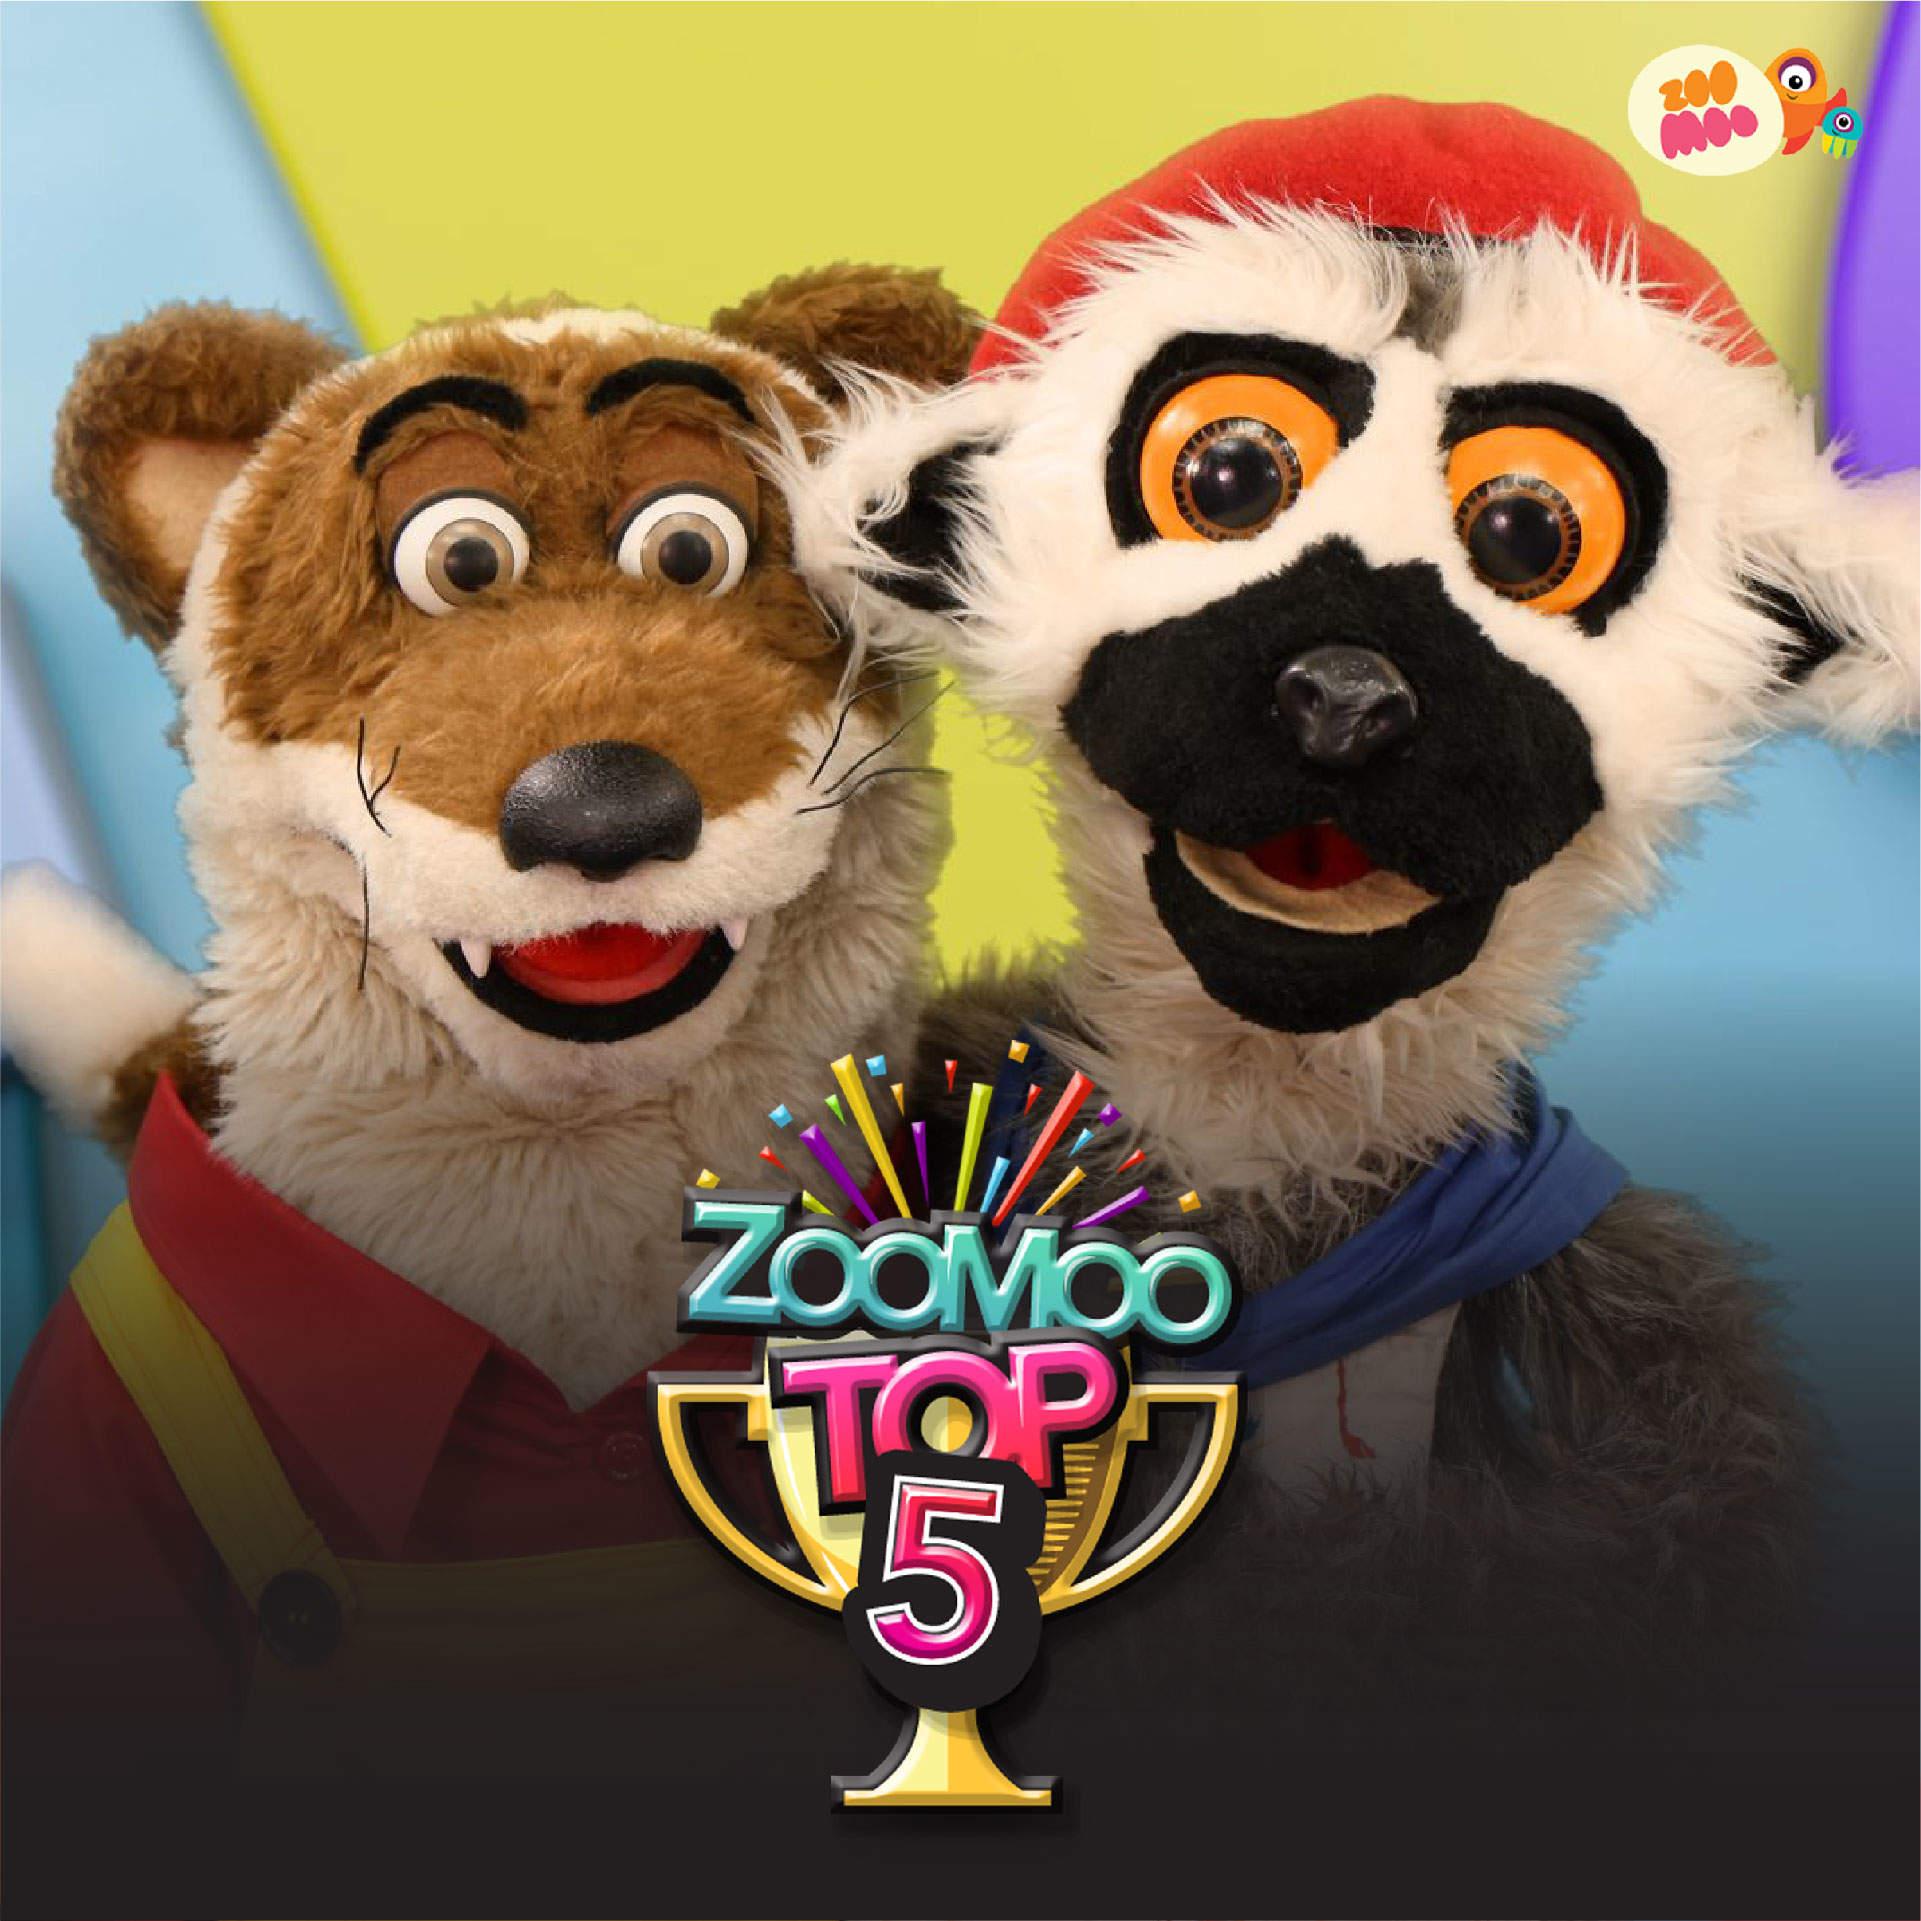 ZooMoo's Top 5